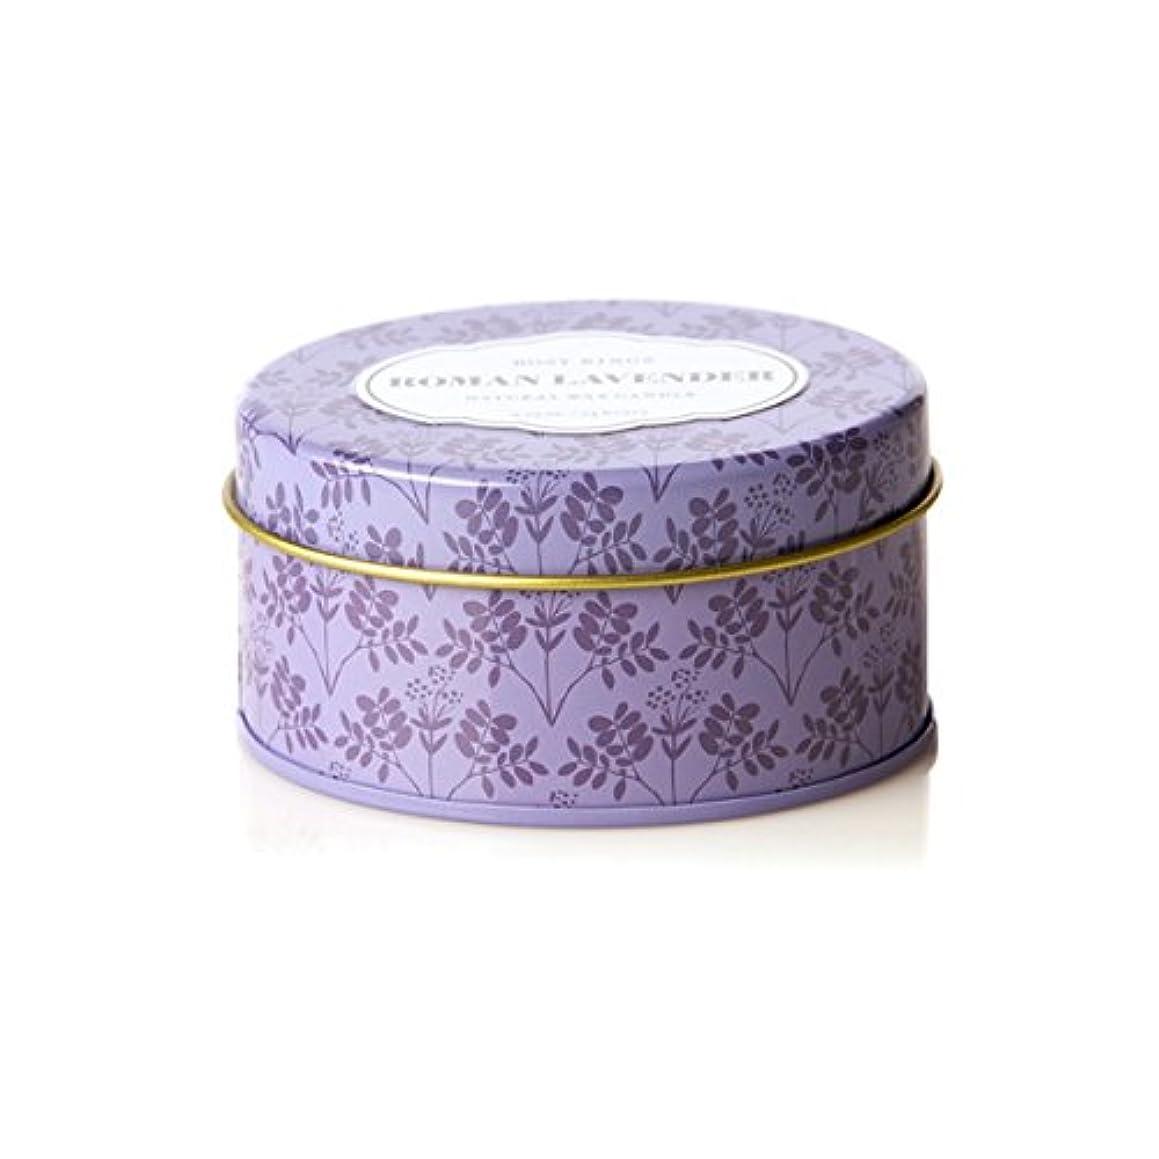 予防接種する目的ネクタイロージーリングス トラベルティンキャンドル ロマンラベンダー ROSY RINGS Roman Lavender Travel Tin